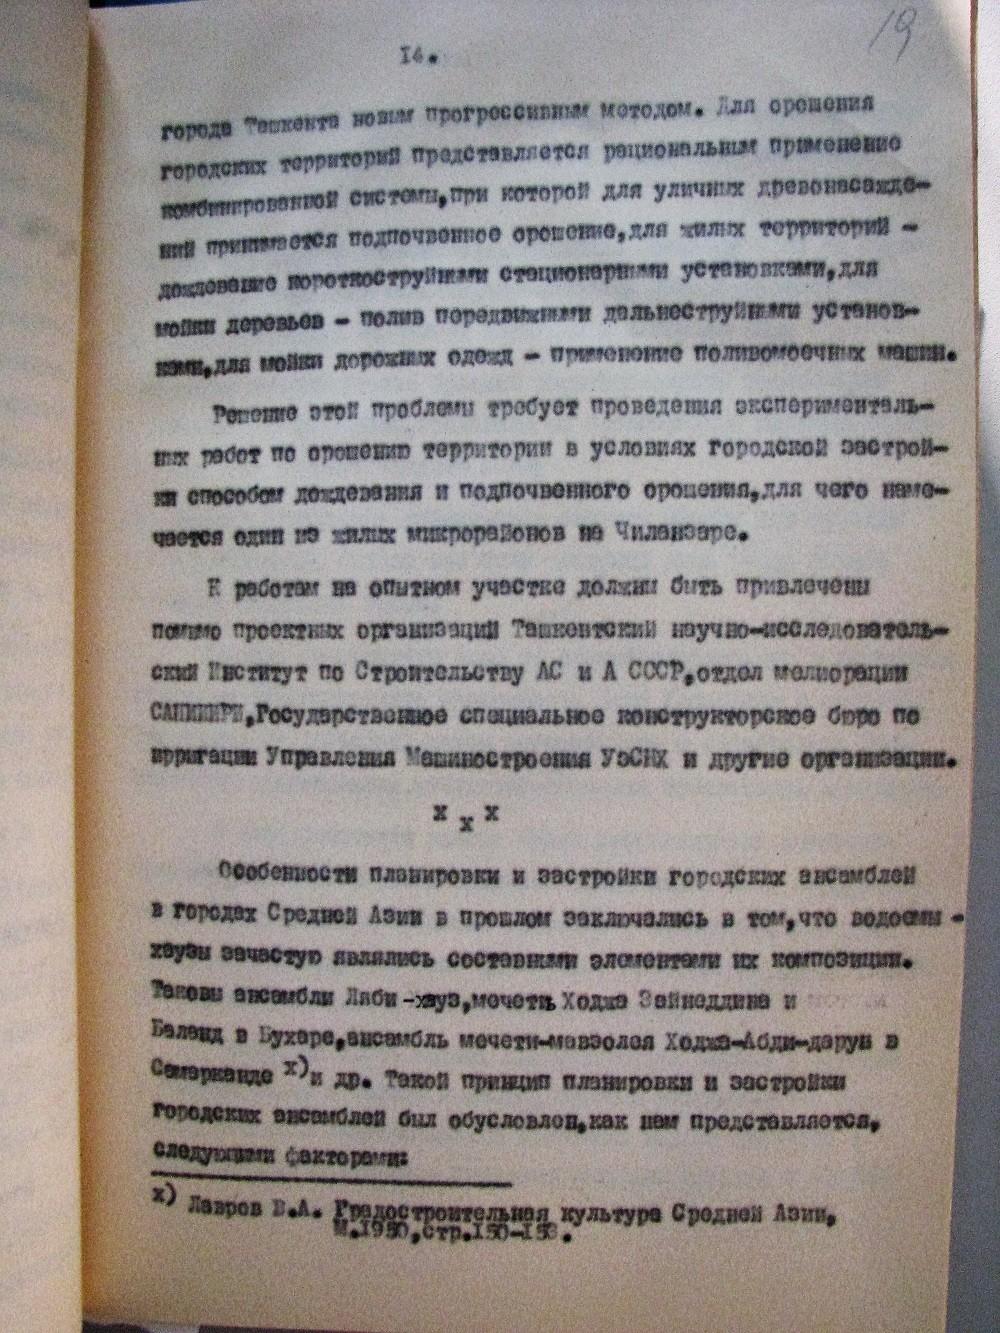 tashkent-1960-19